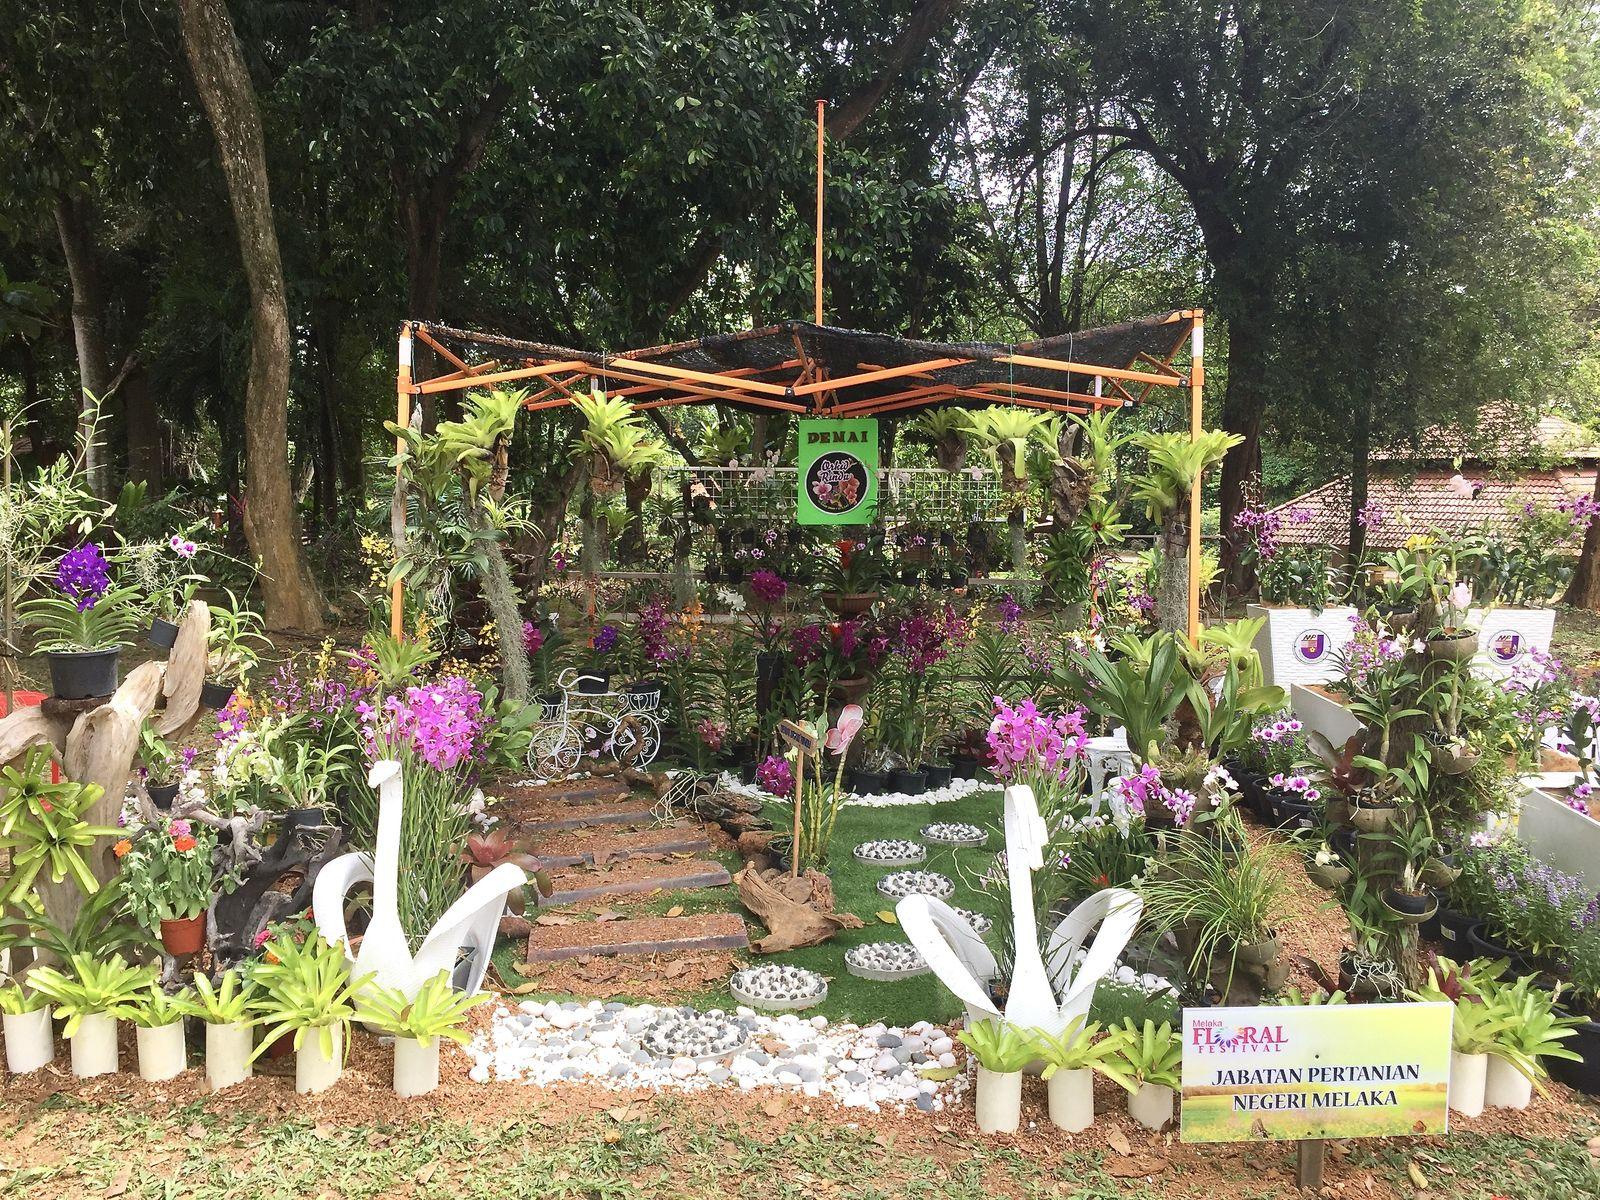 Arrivée, vues du site, enregistrement des plantes pour le concours